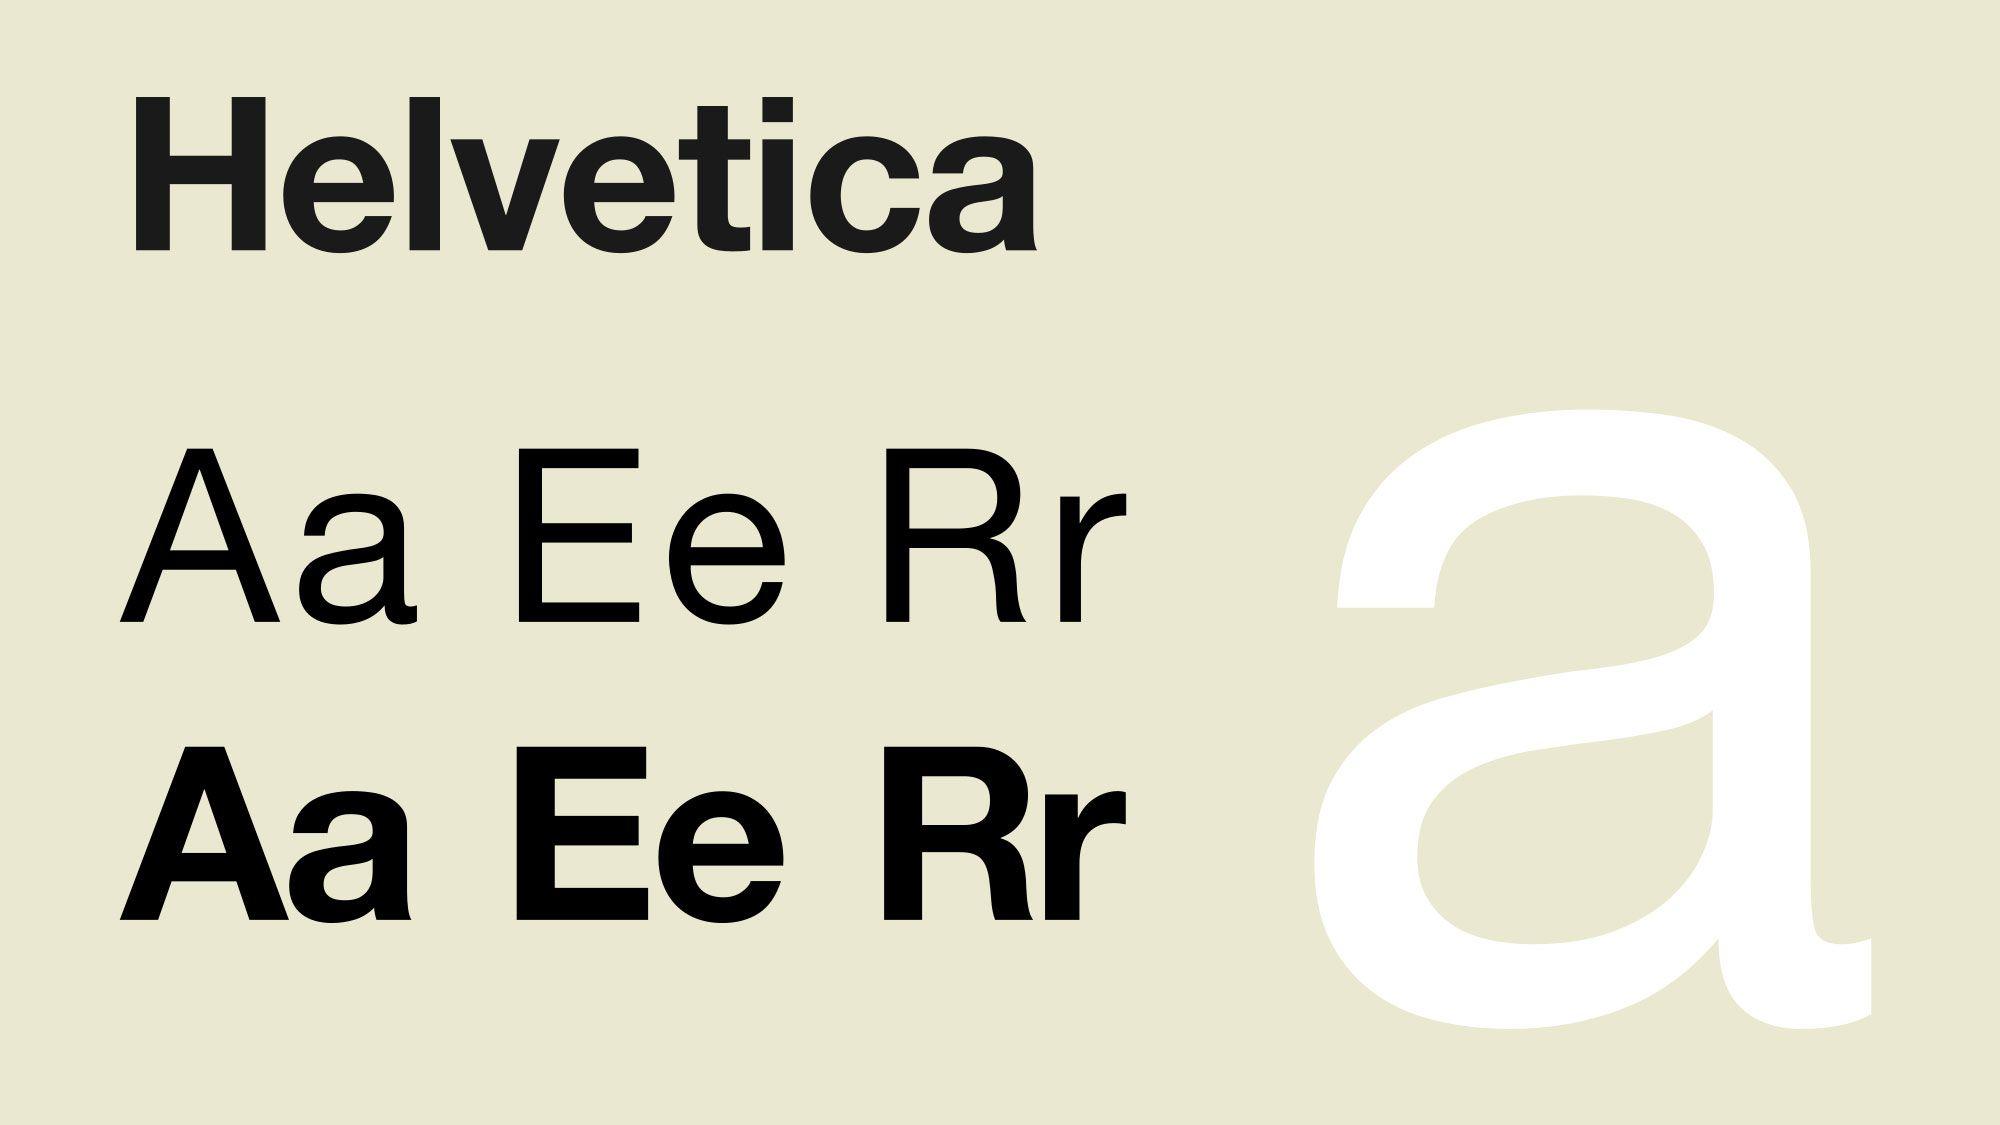 10 inspired alternatives to Helvetica